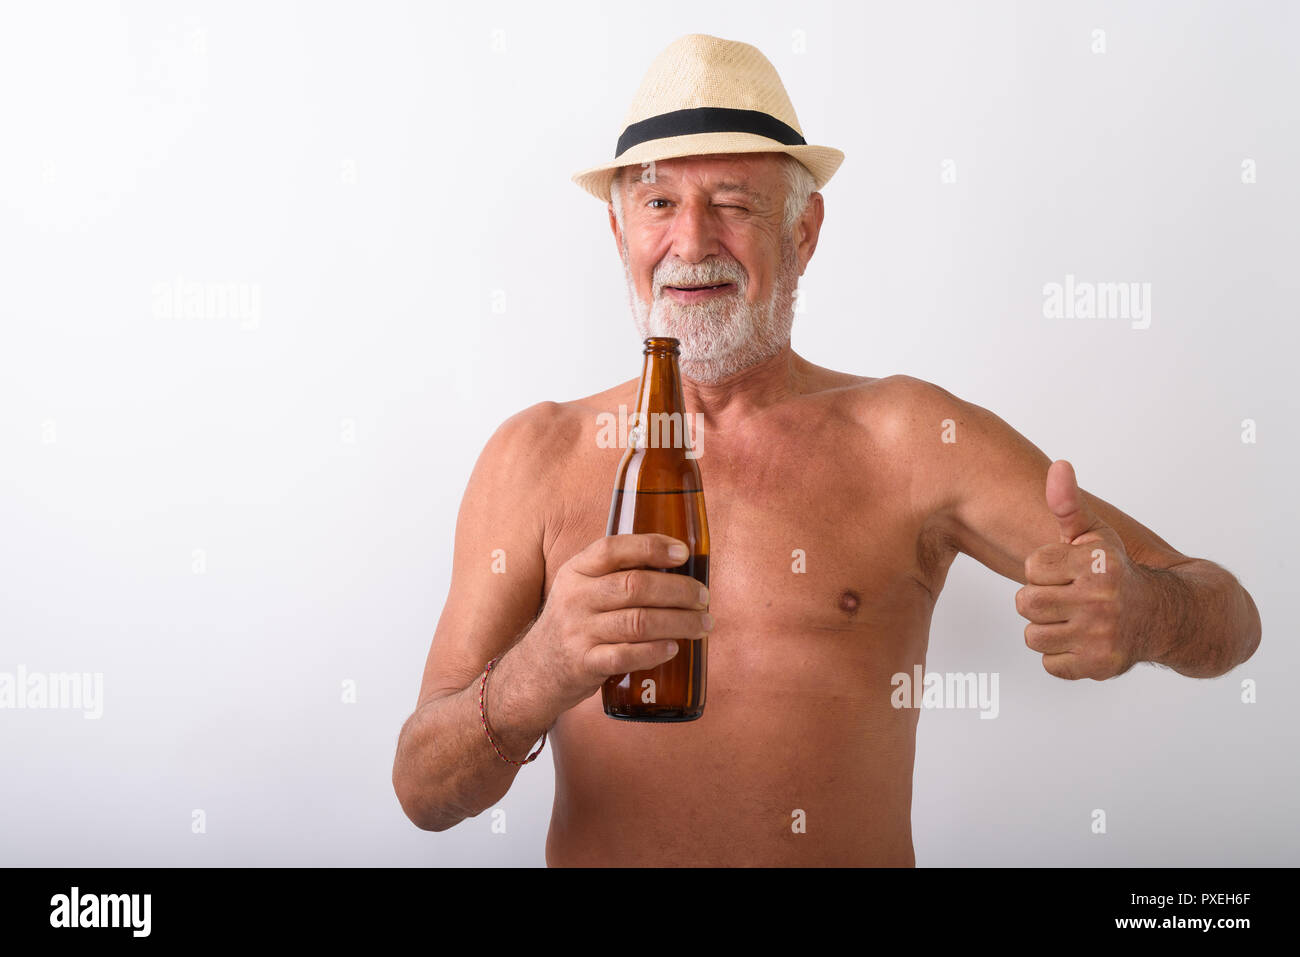 Descamisados altos hombre sujetando la botella de cerveza contra el fondo  blanco. Imagen De Stock 8ac806d7df9d